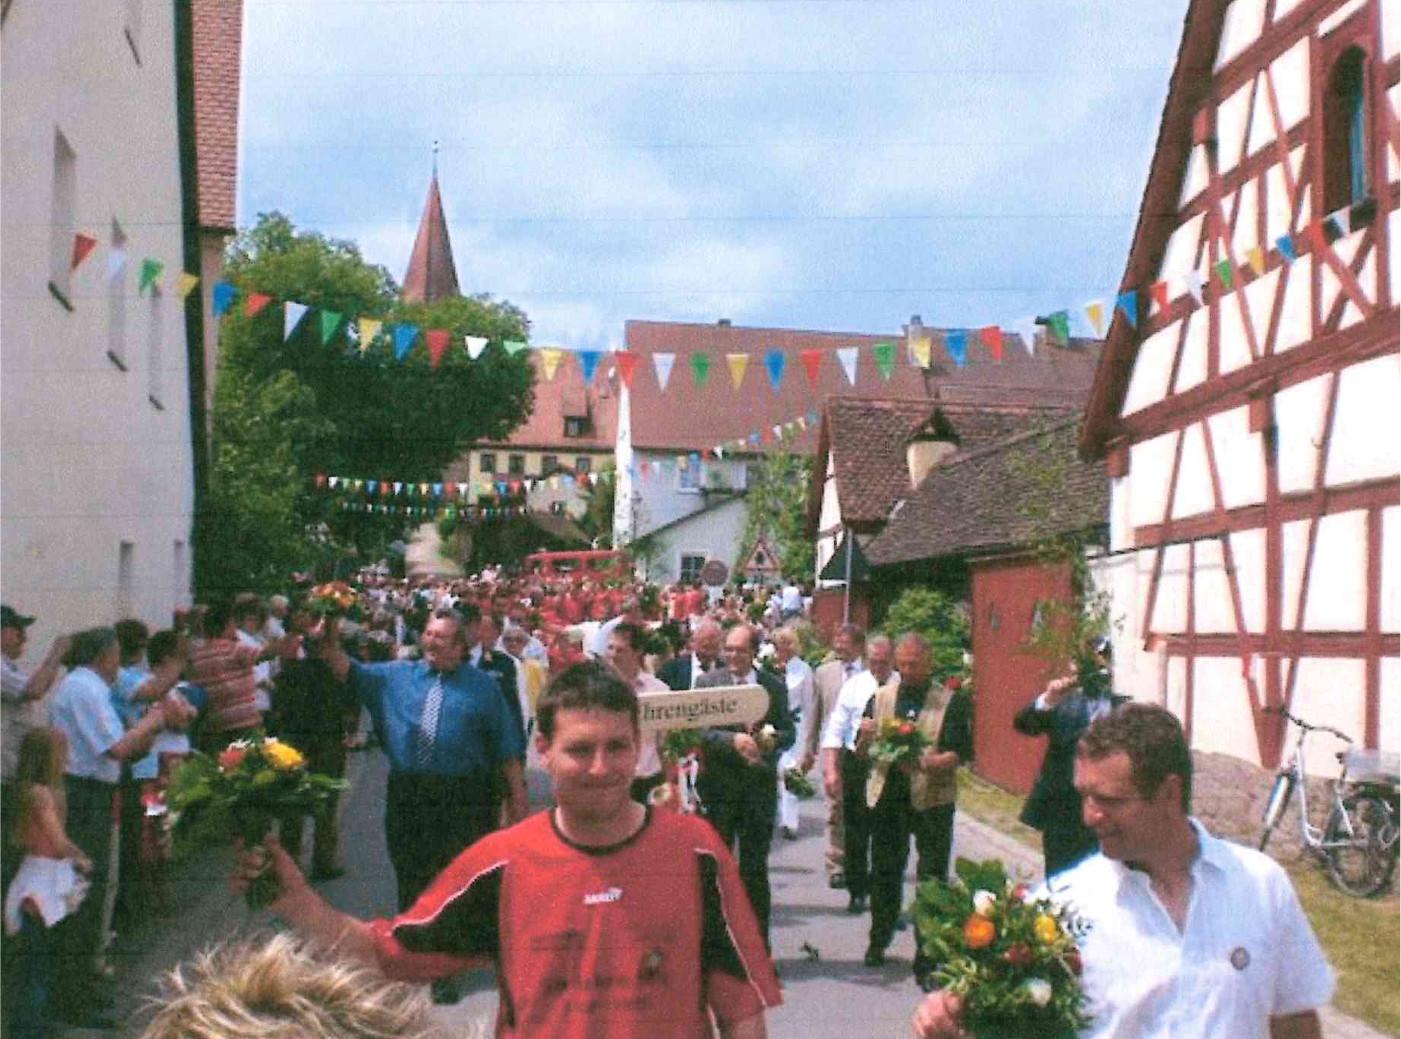 sfl-04-08-a64-jubilaeumehrengaeste-2008